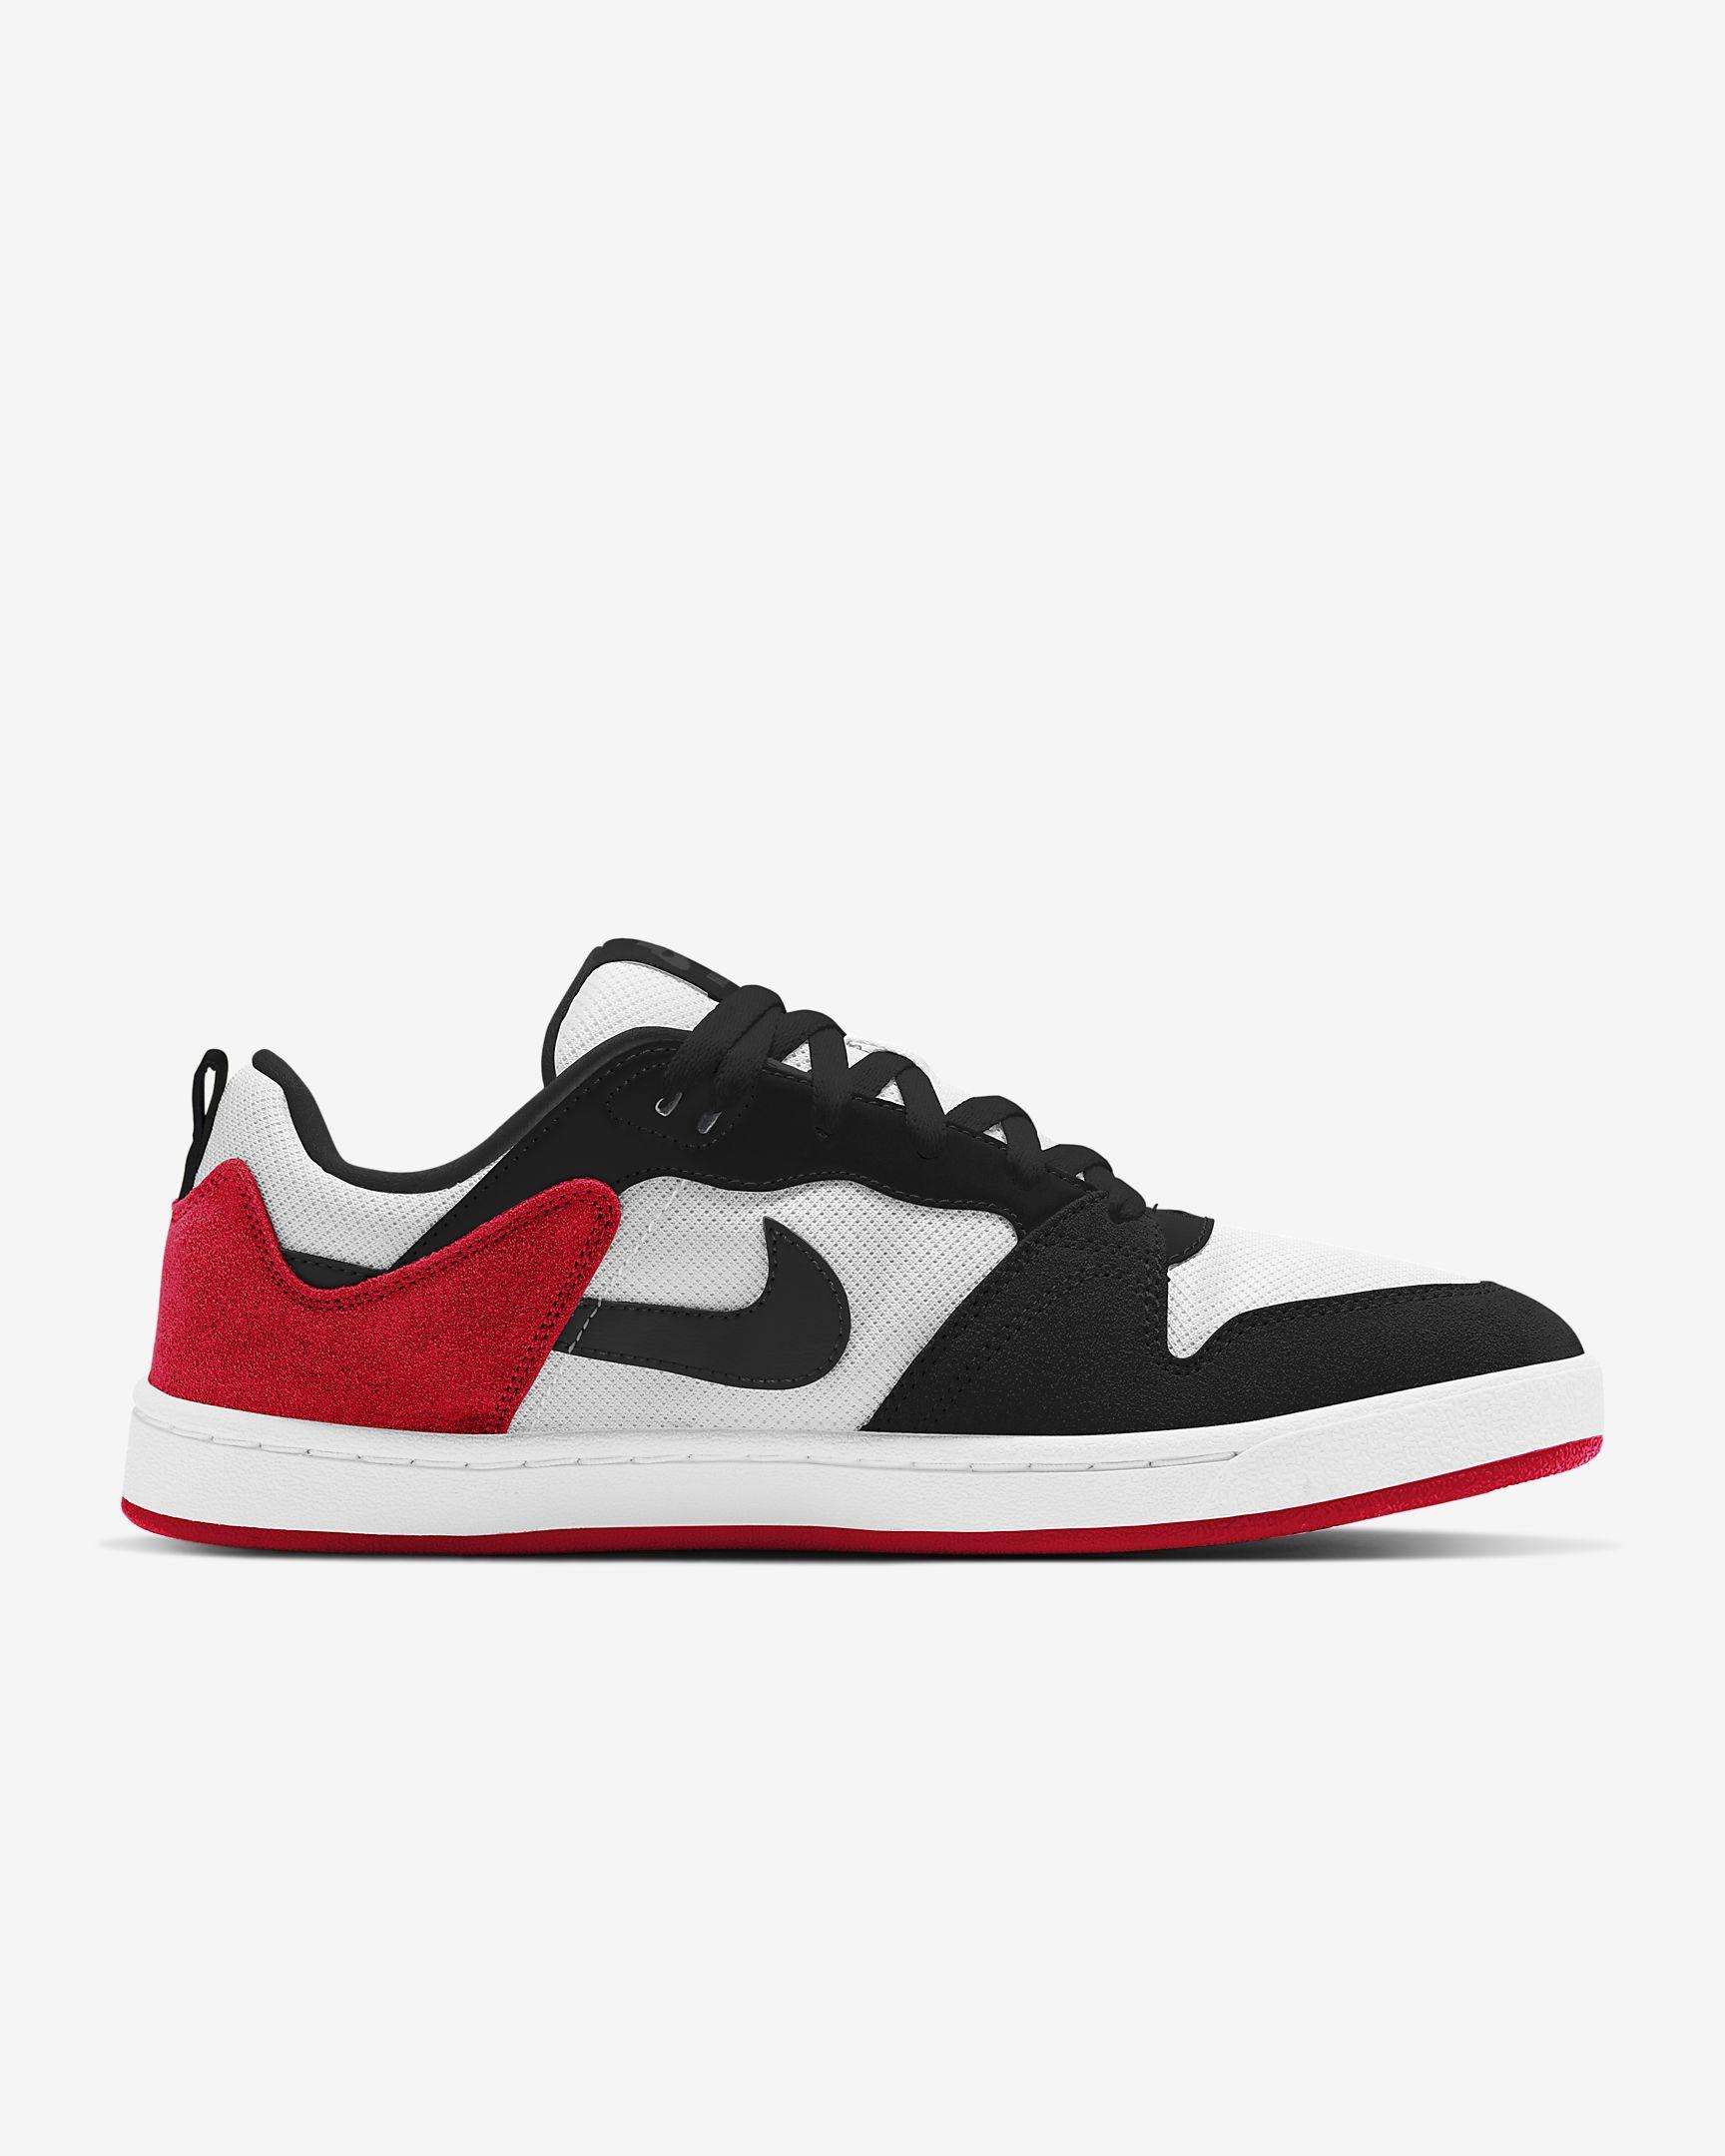 Chaussures Nike SB ALLEYOOP | SeaRide